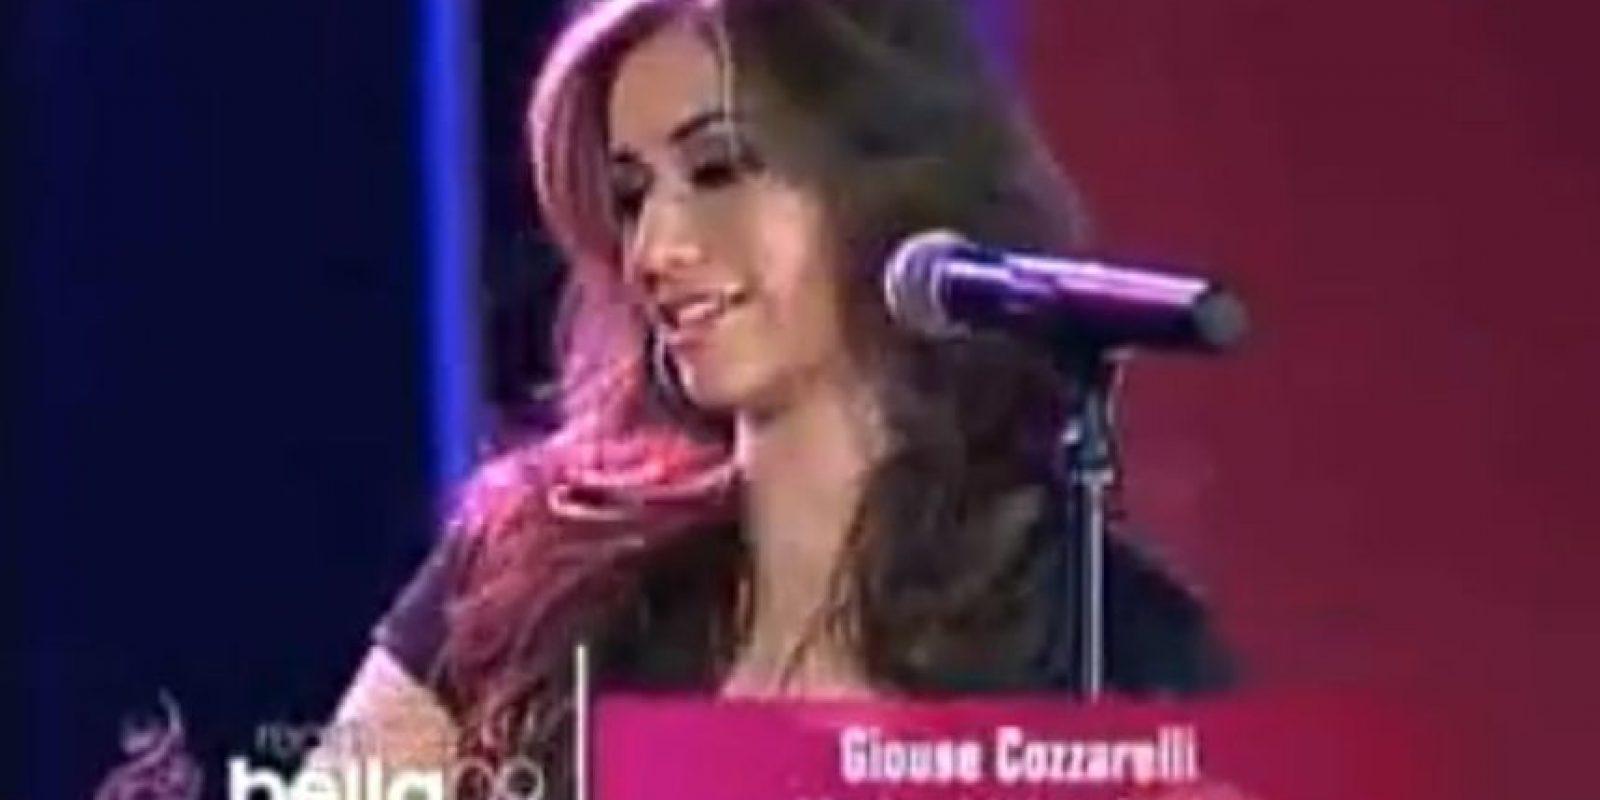 """Giouzué Cozzarelli es interrogada al preguntársele por quién Confucio. """"Fue quien inventó la Confusión"""" Foto:Youtube"""